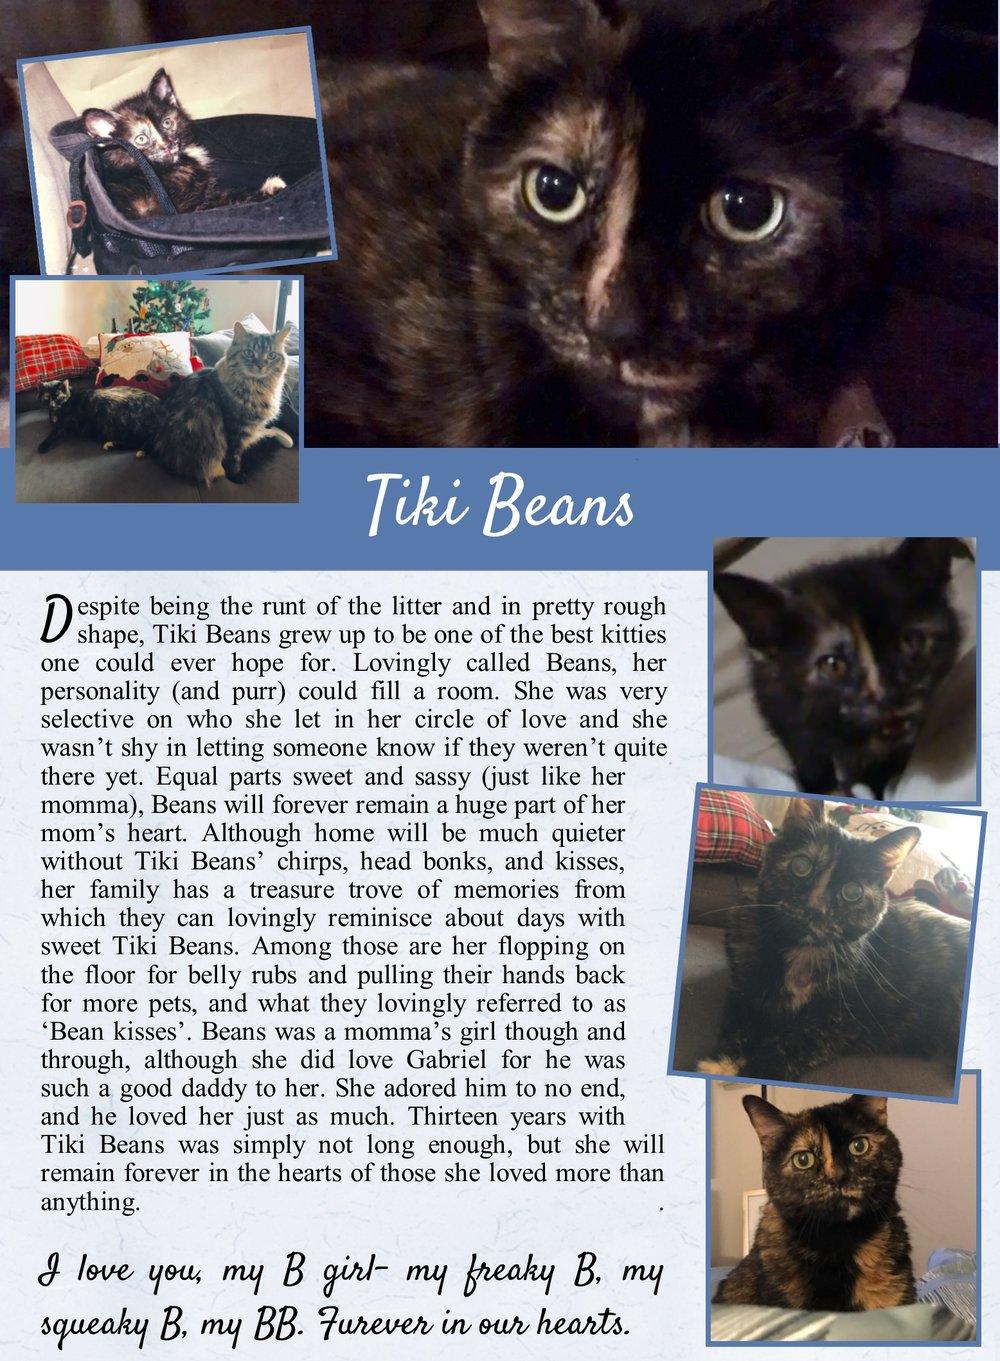 Tiki Beans Life Tail